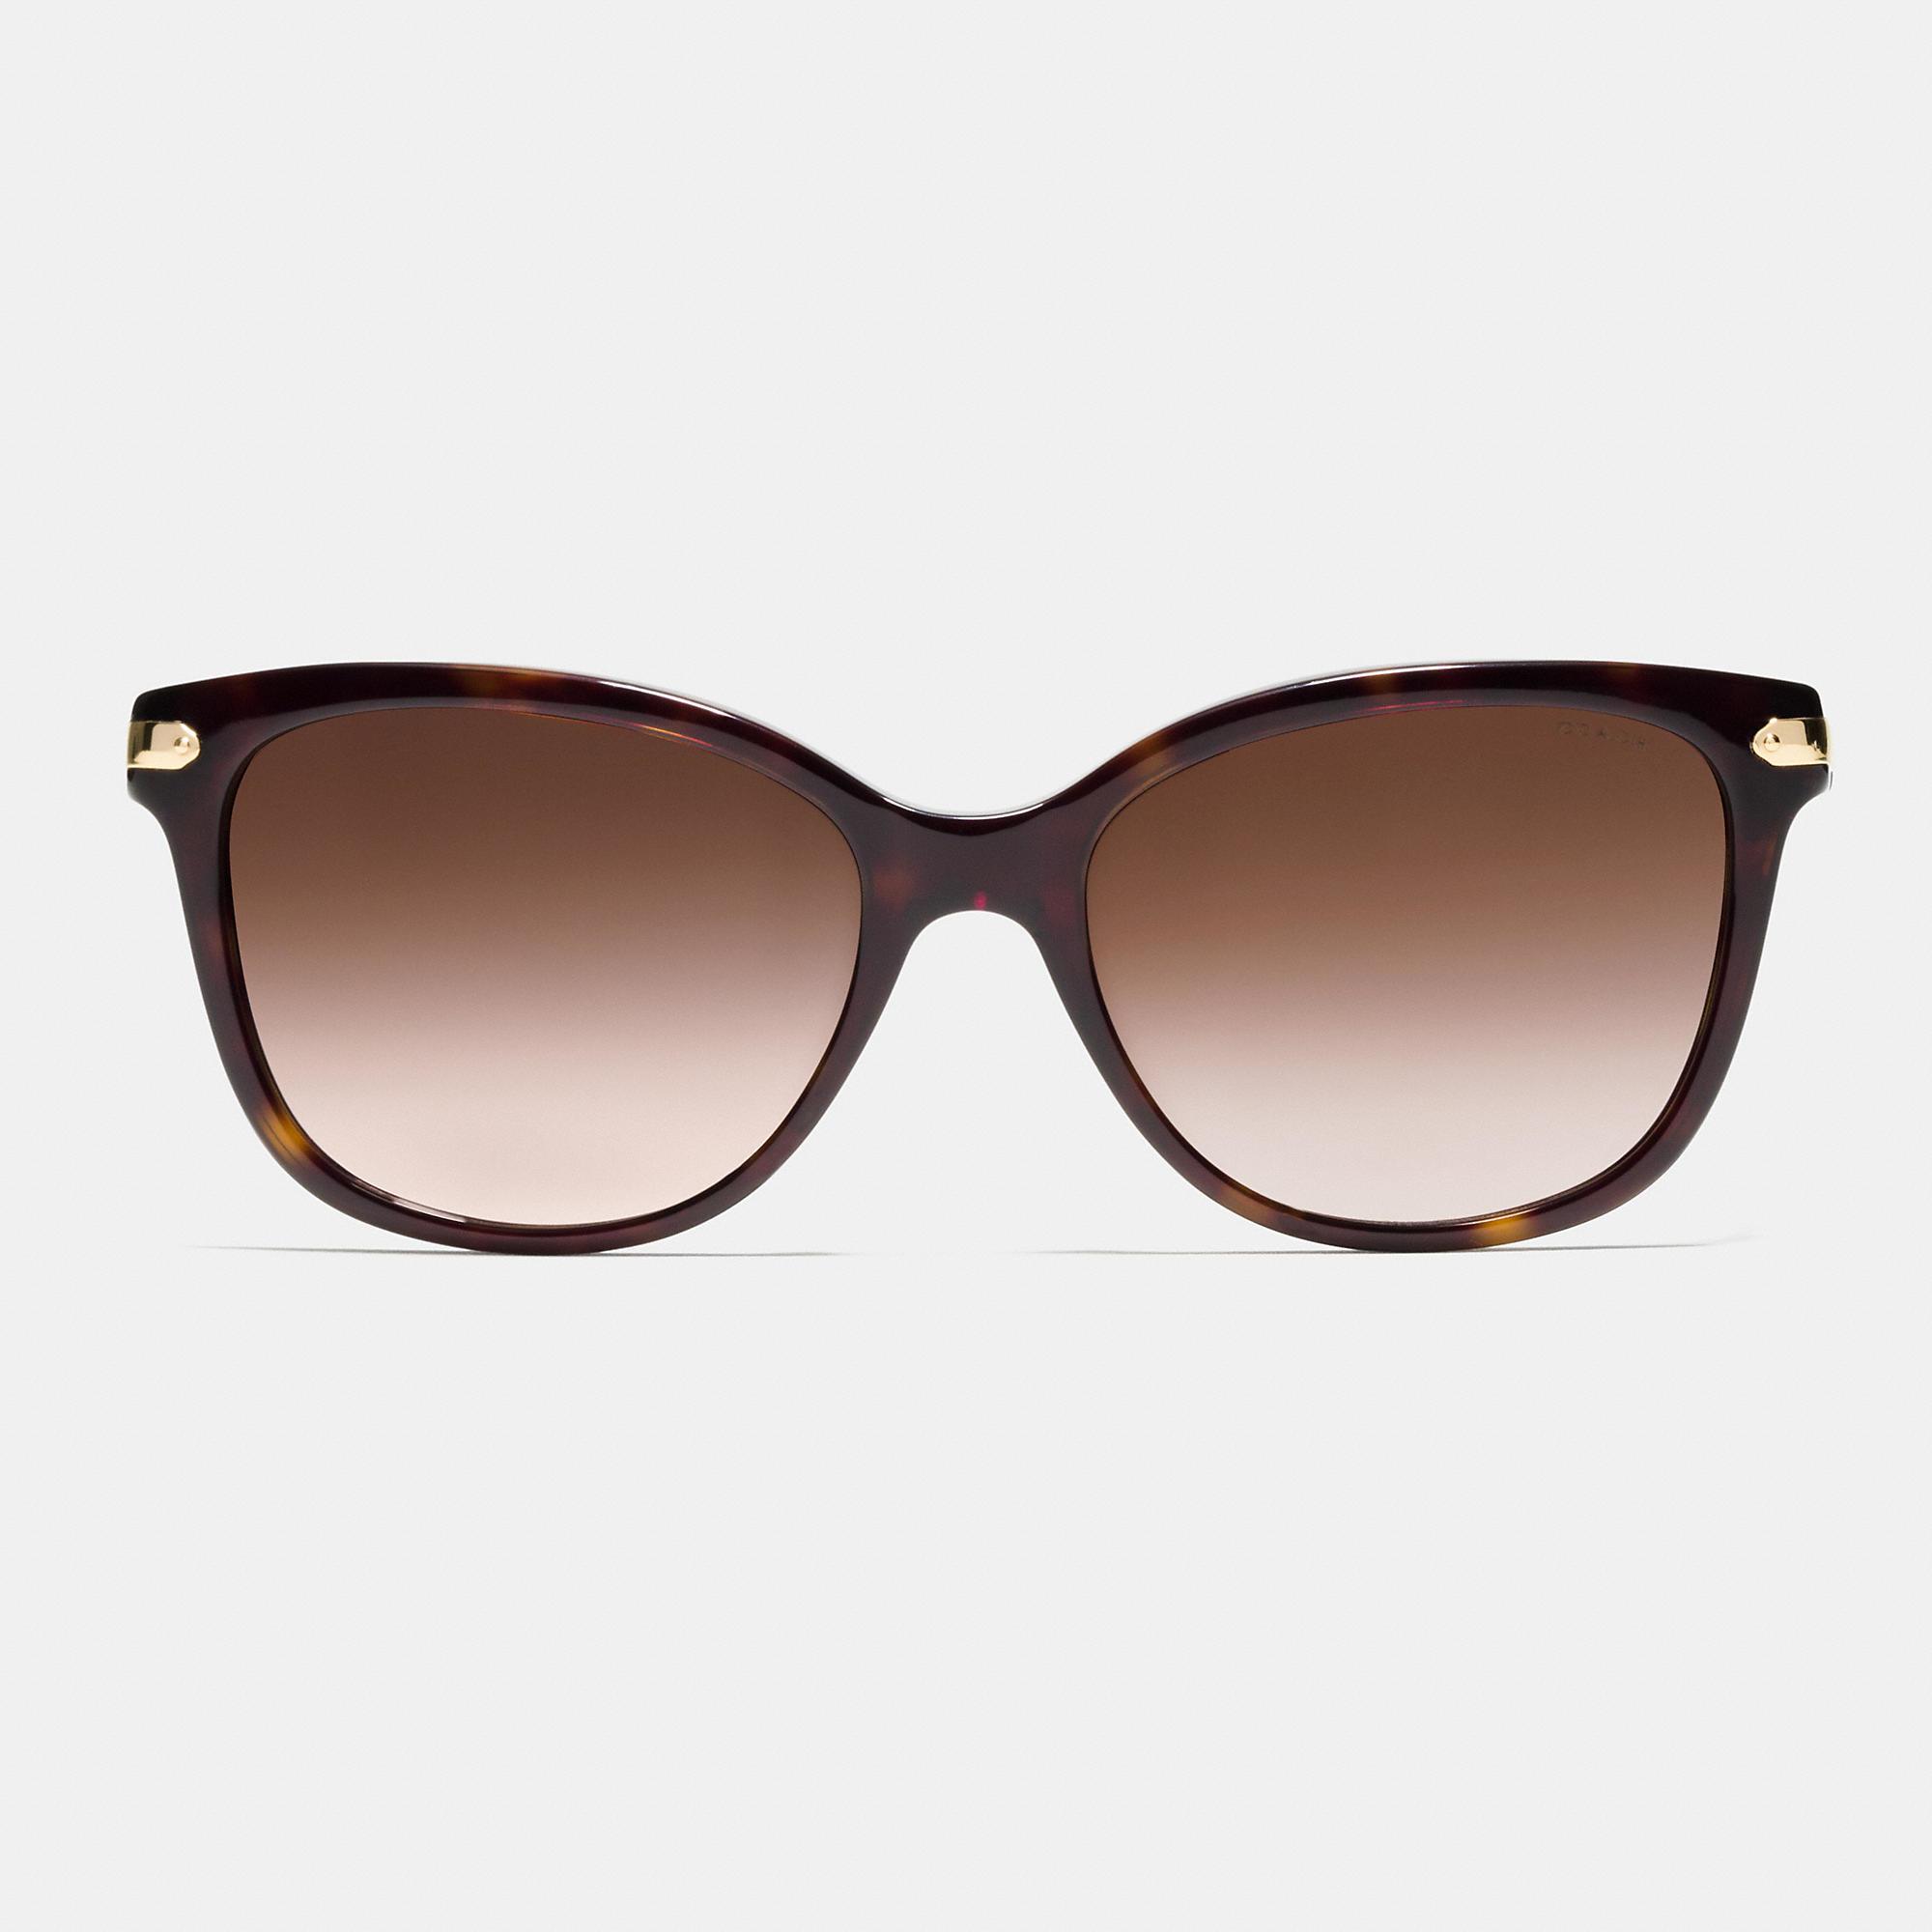 4ca1a8213543 ... closeout switzerland lyst coach tag temple cat eye sunglasses in black  07b45 a57c3 e769b 171ab ...